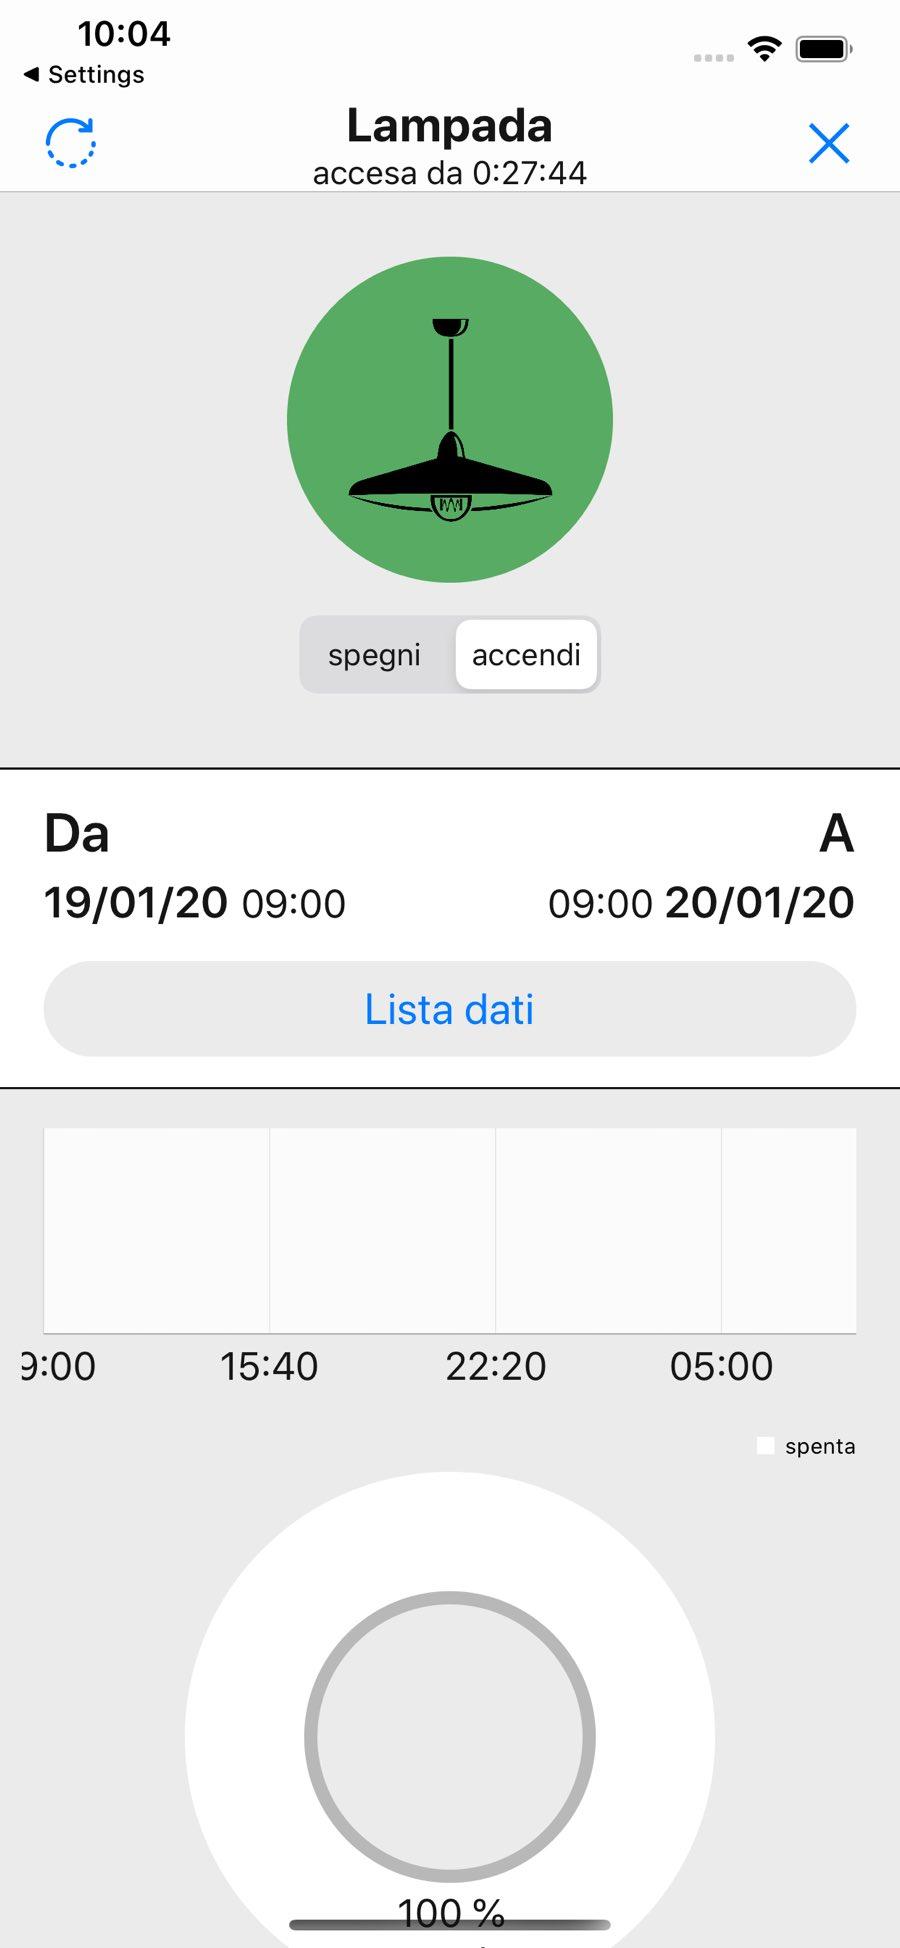 Schermata dettaglio dispositivo lampada dell'app WimHome